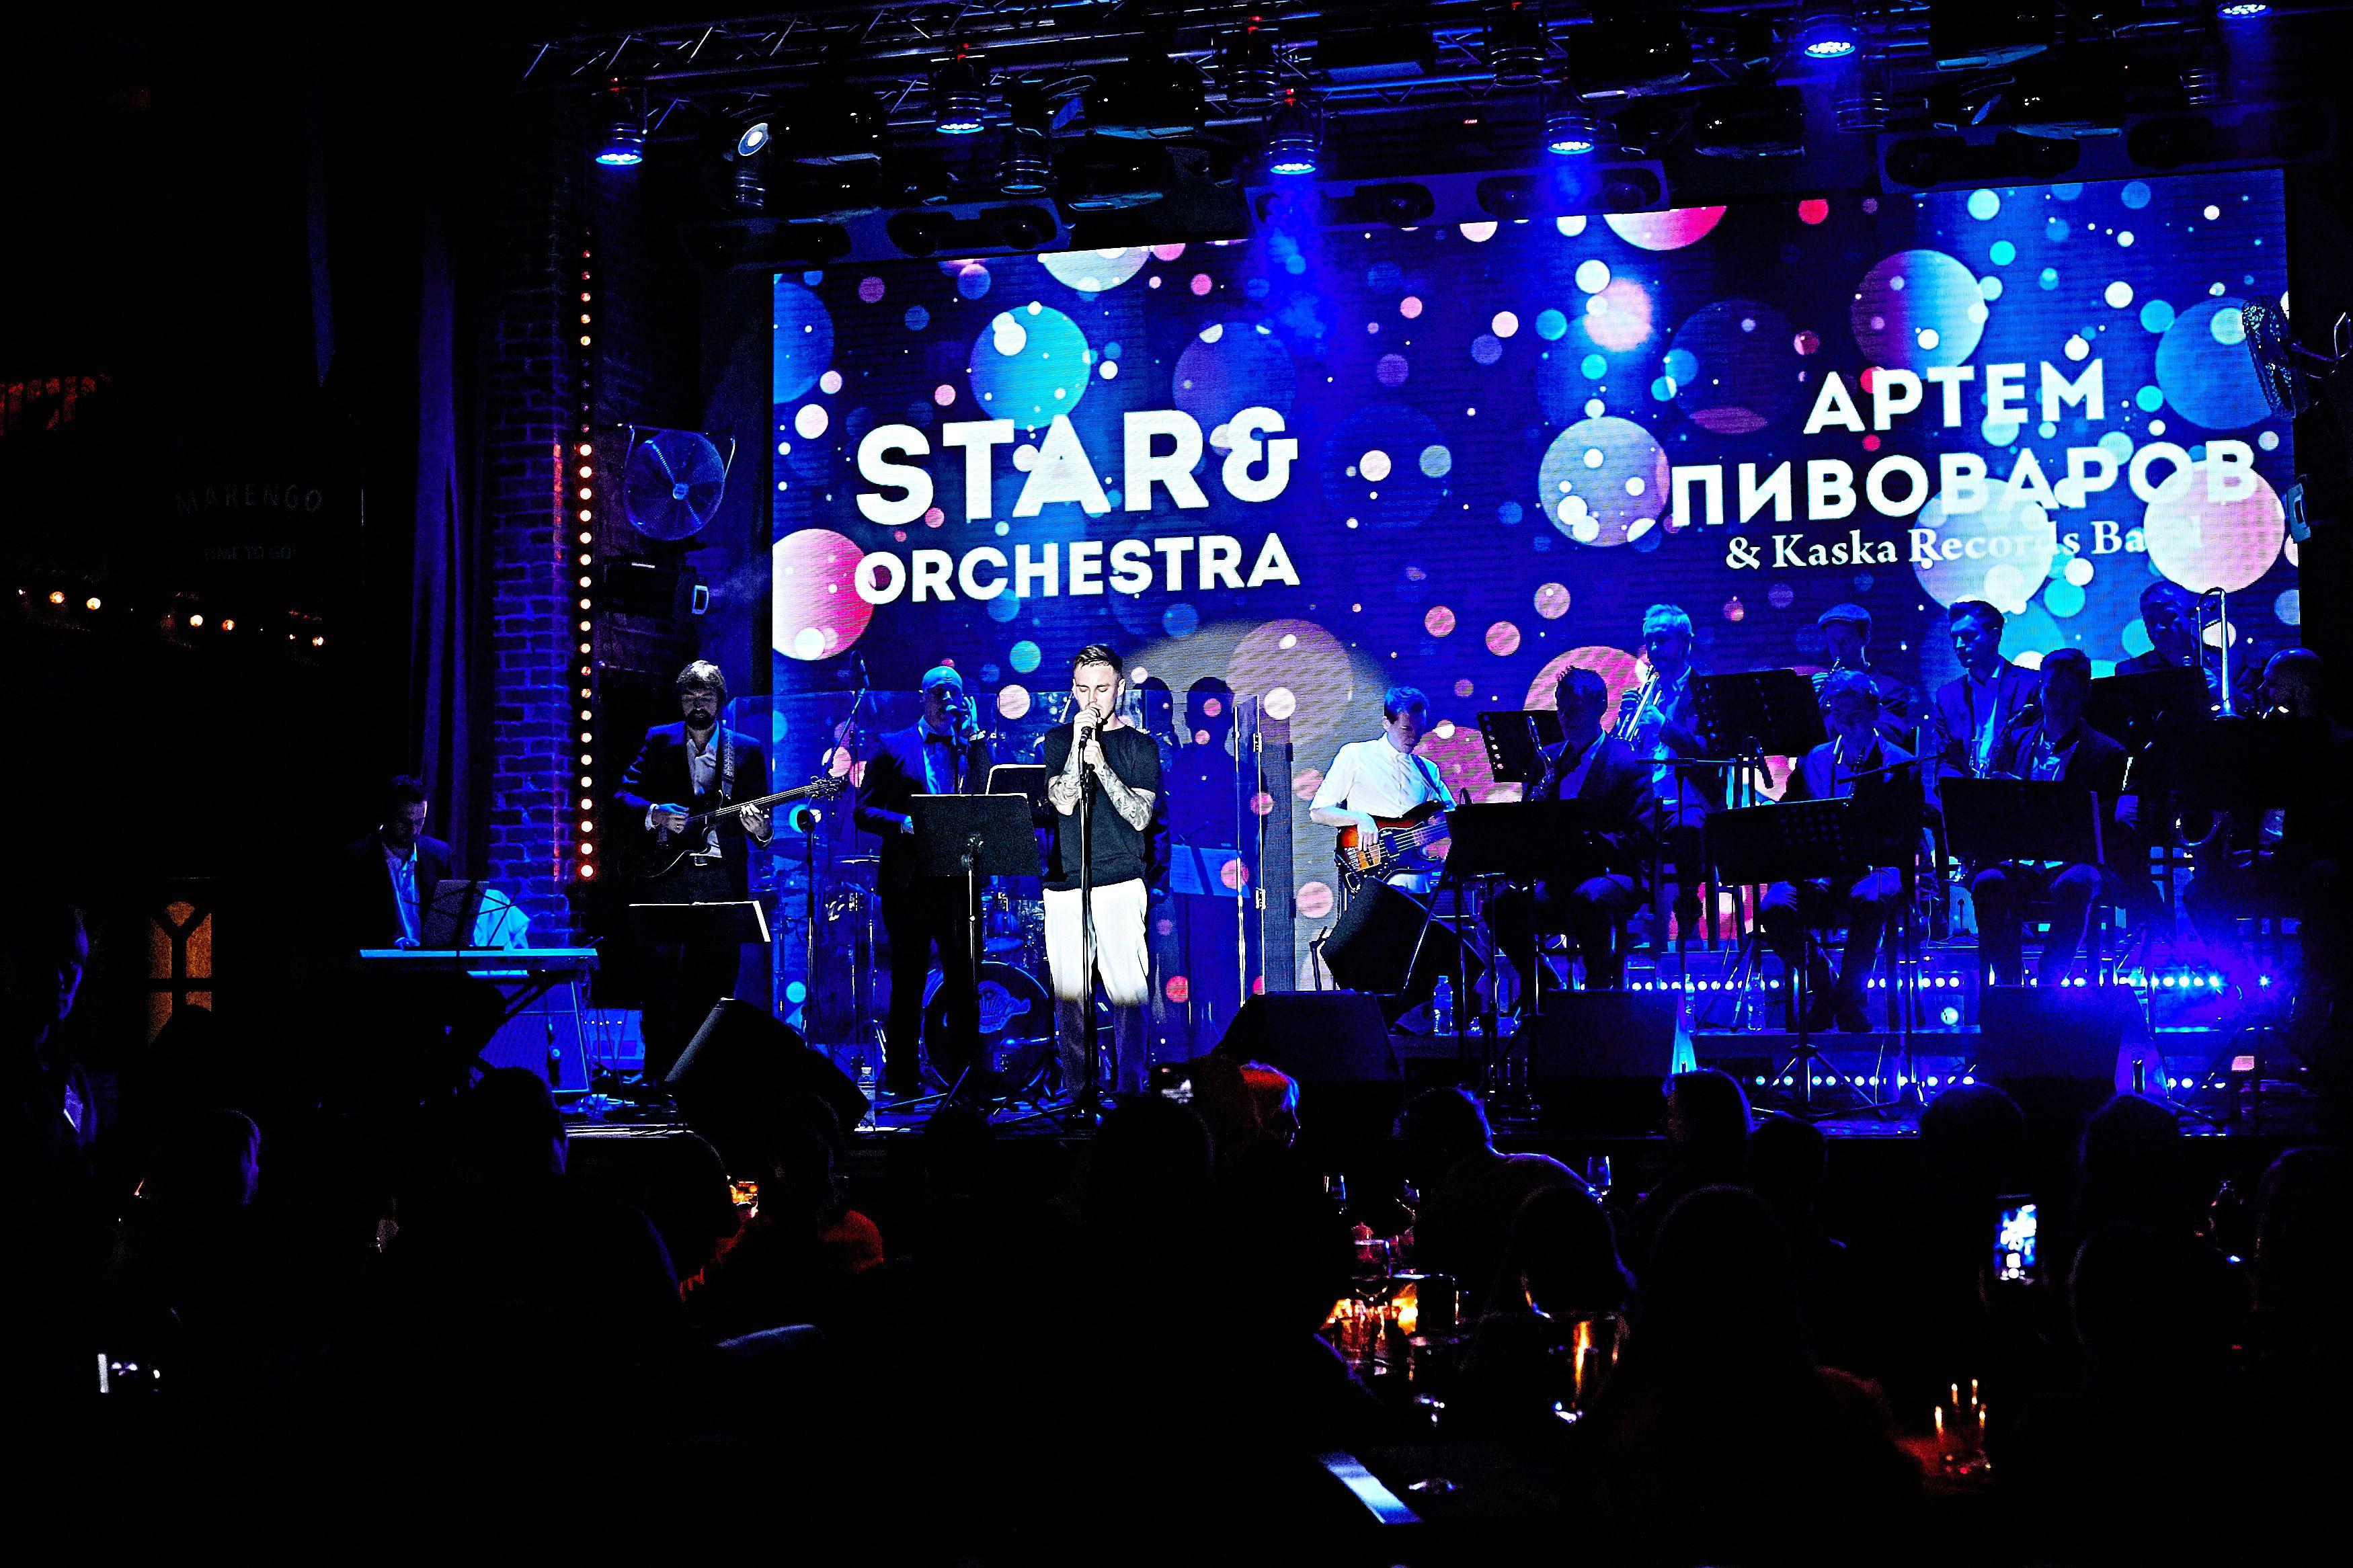 Концерт Артема Пивоварова в Caribbean Club _6